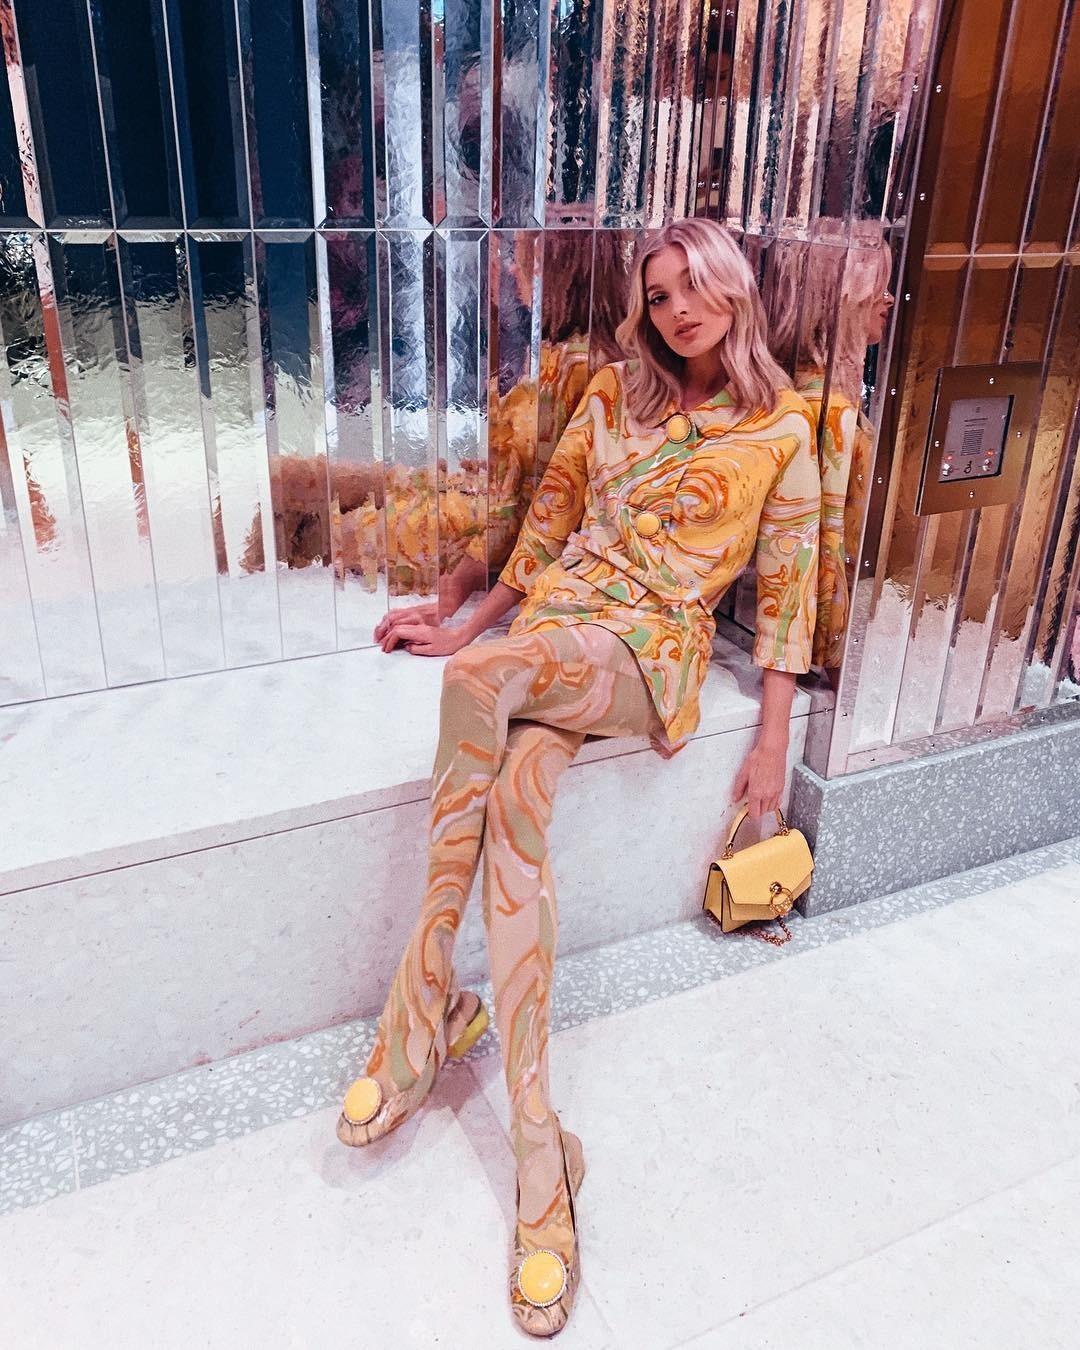 Казалось бы, на моделях Victorias Secret красиво будет смотреться даже холщовый мешок. Мешок, может быть. Но вот total-look цвета неидентифицируемой жижи даже идеальная Эльза Хоск не тяне...